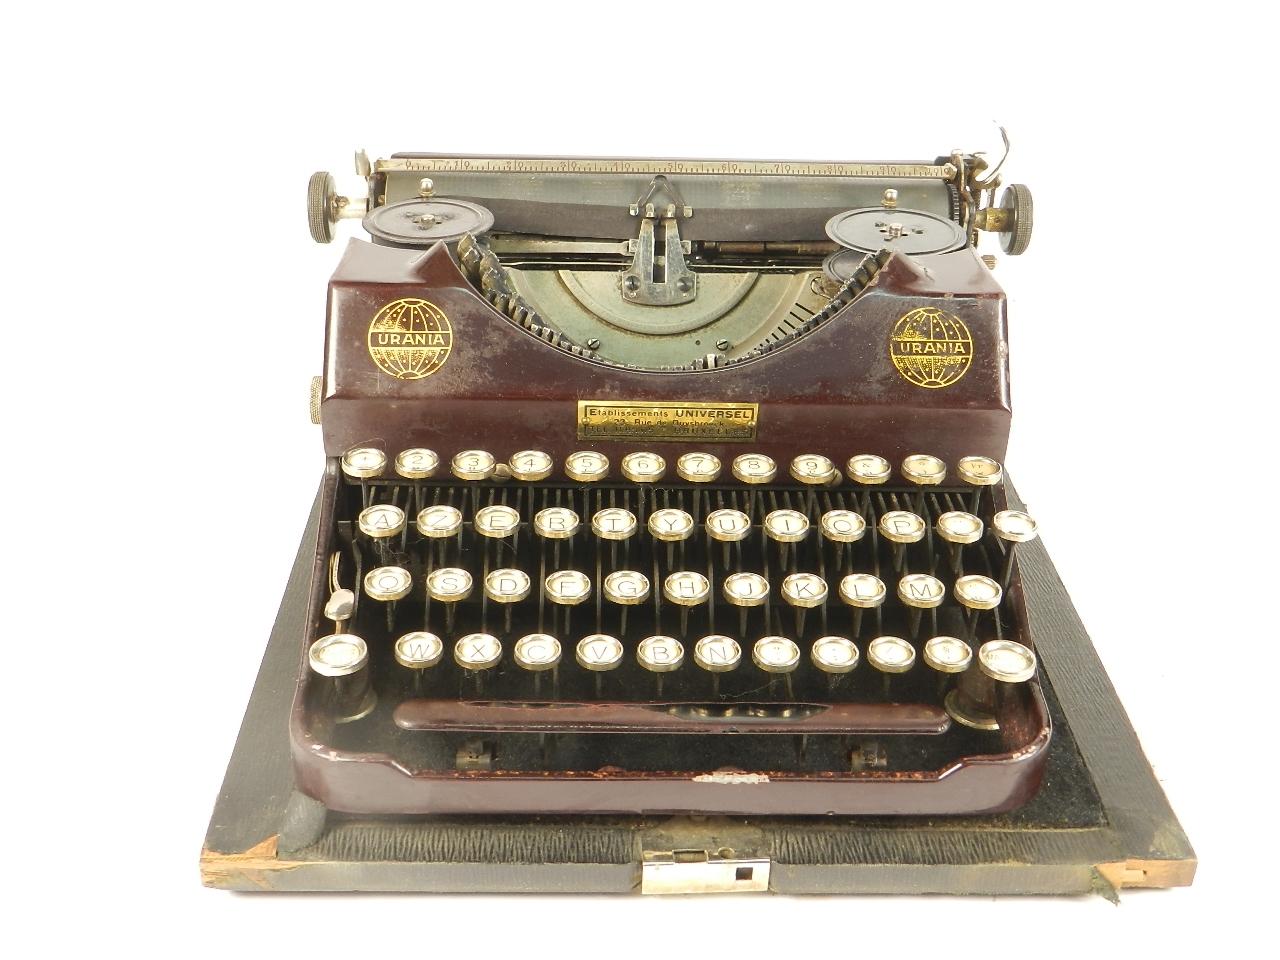 Imagen RARA URANIA PICCOLA AÑO 1926 COLOR GRANATE 34598